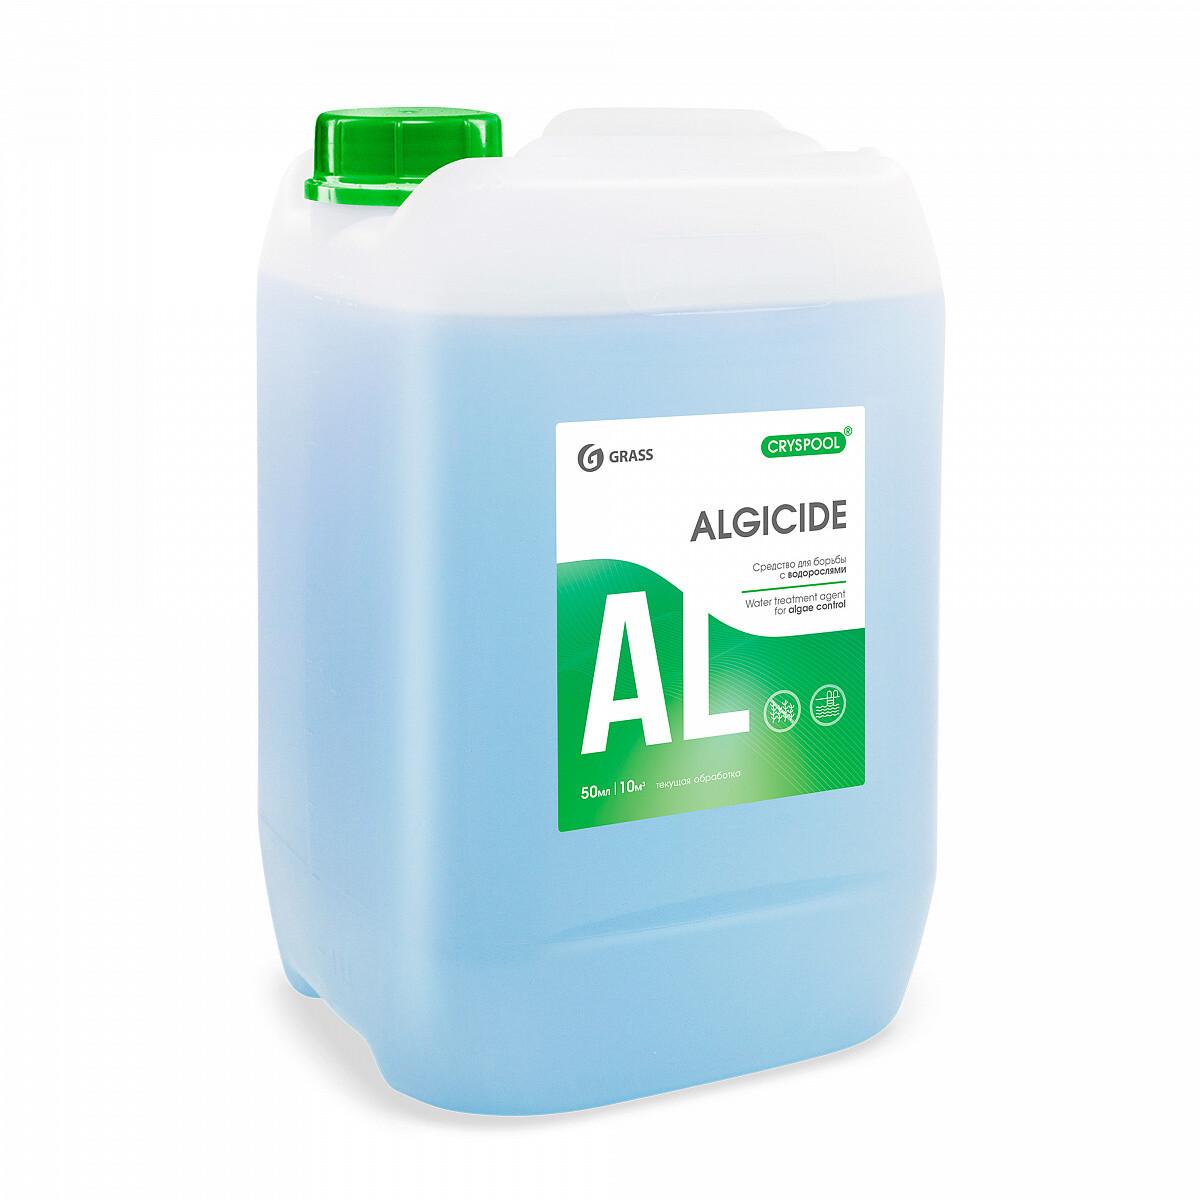 Средство для борьбы с водорослями CRYSPOOL algicide, 10 кг